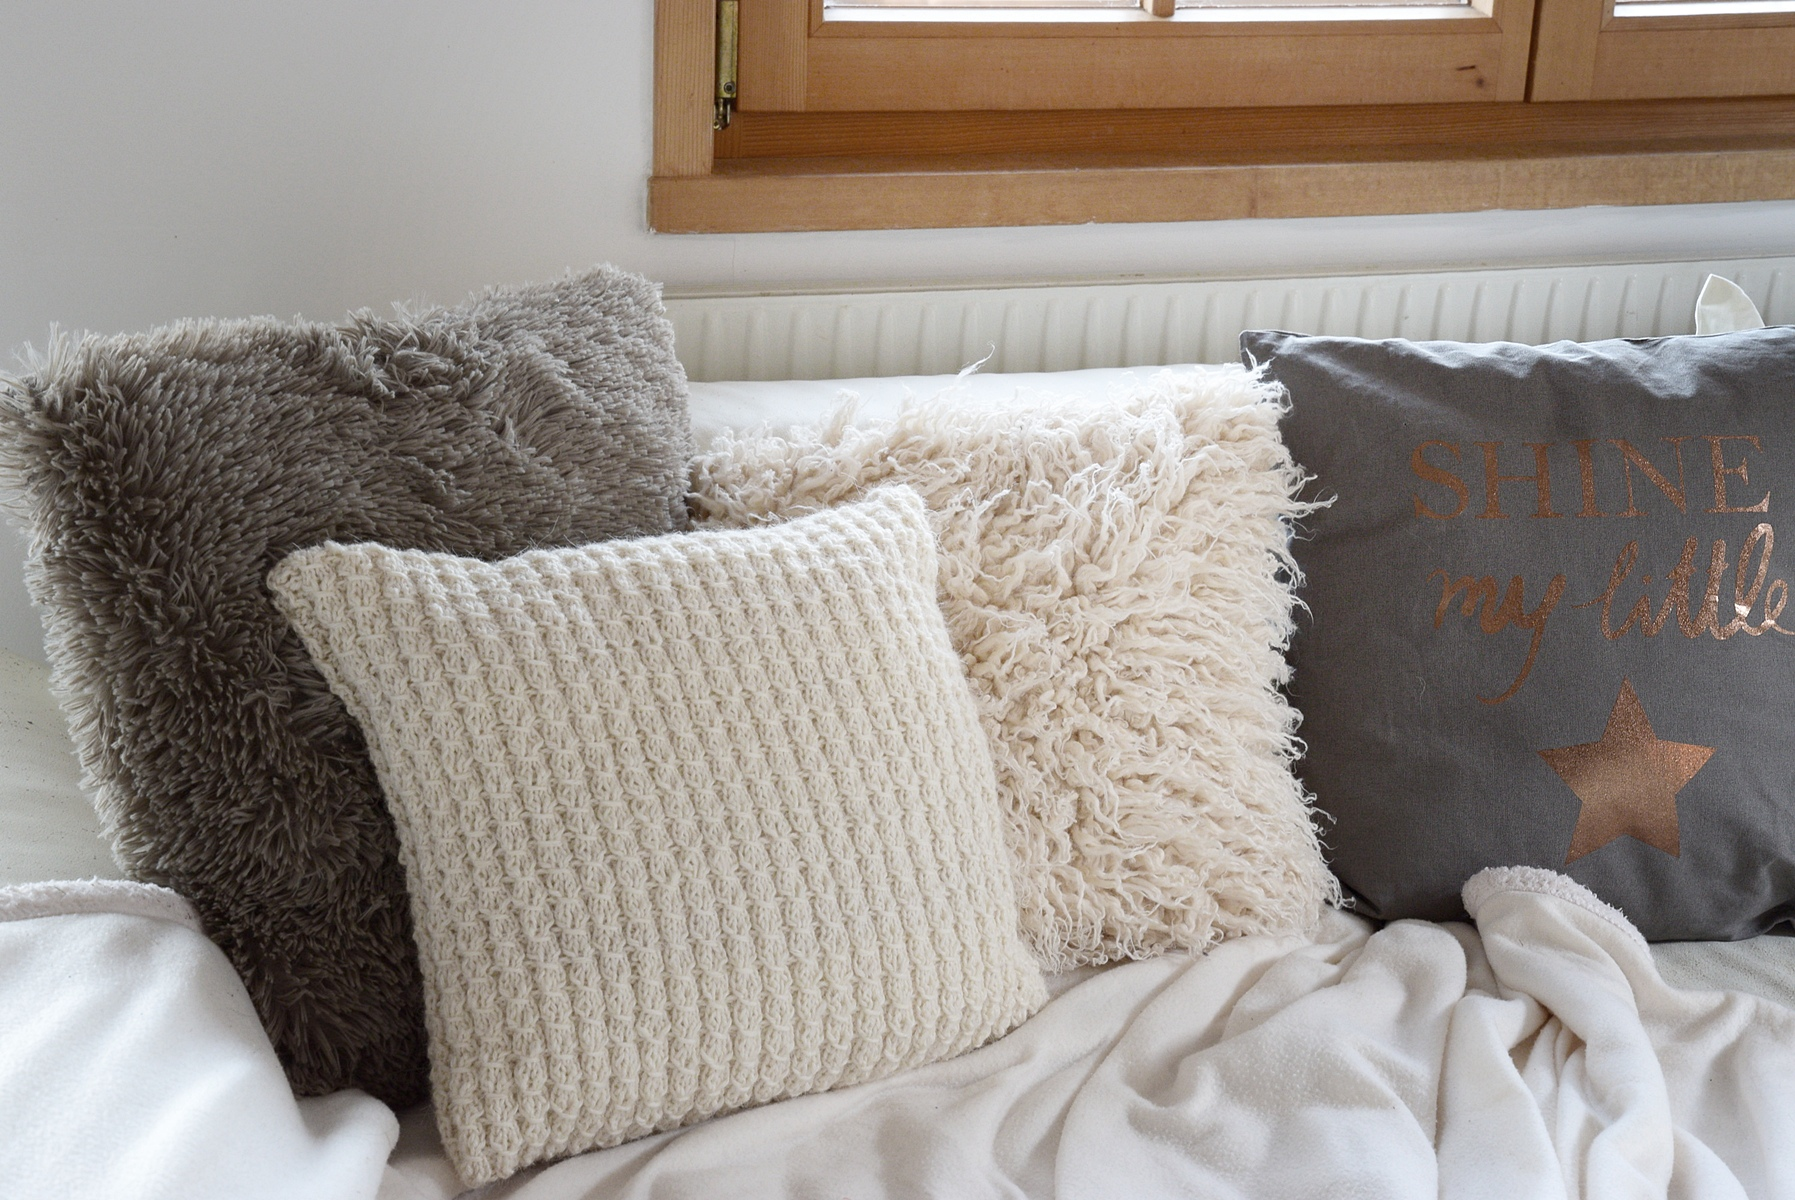 Full Size of Schöne Decken Bad Deckenleuchte Led Schlafzimmer Wohnzimmer Küche Deckenlampen Badezimmer Deckenlampe Modern Deckenstrahler Deckenleuchten Esstisch Mein Wohnzimmer Schöne Decken